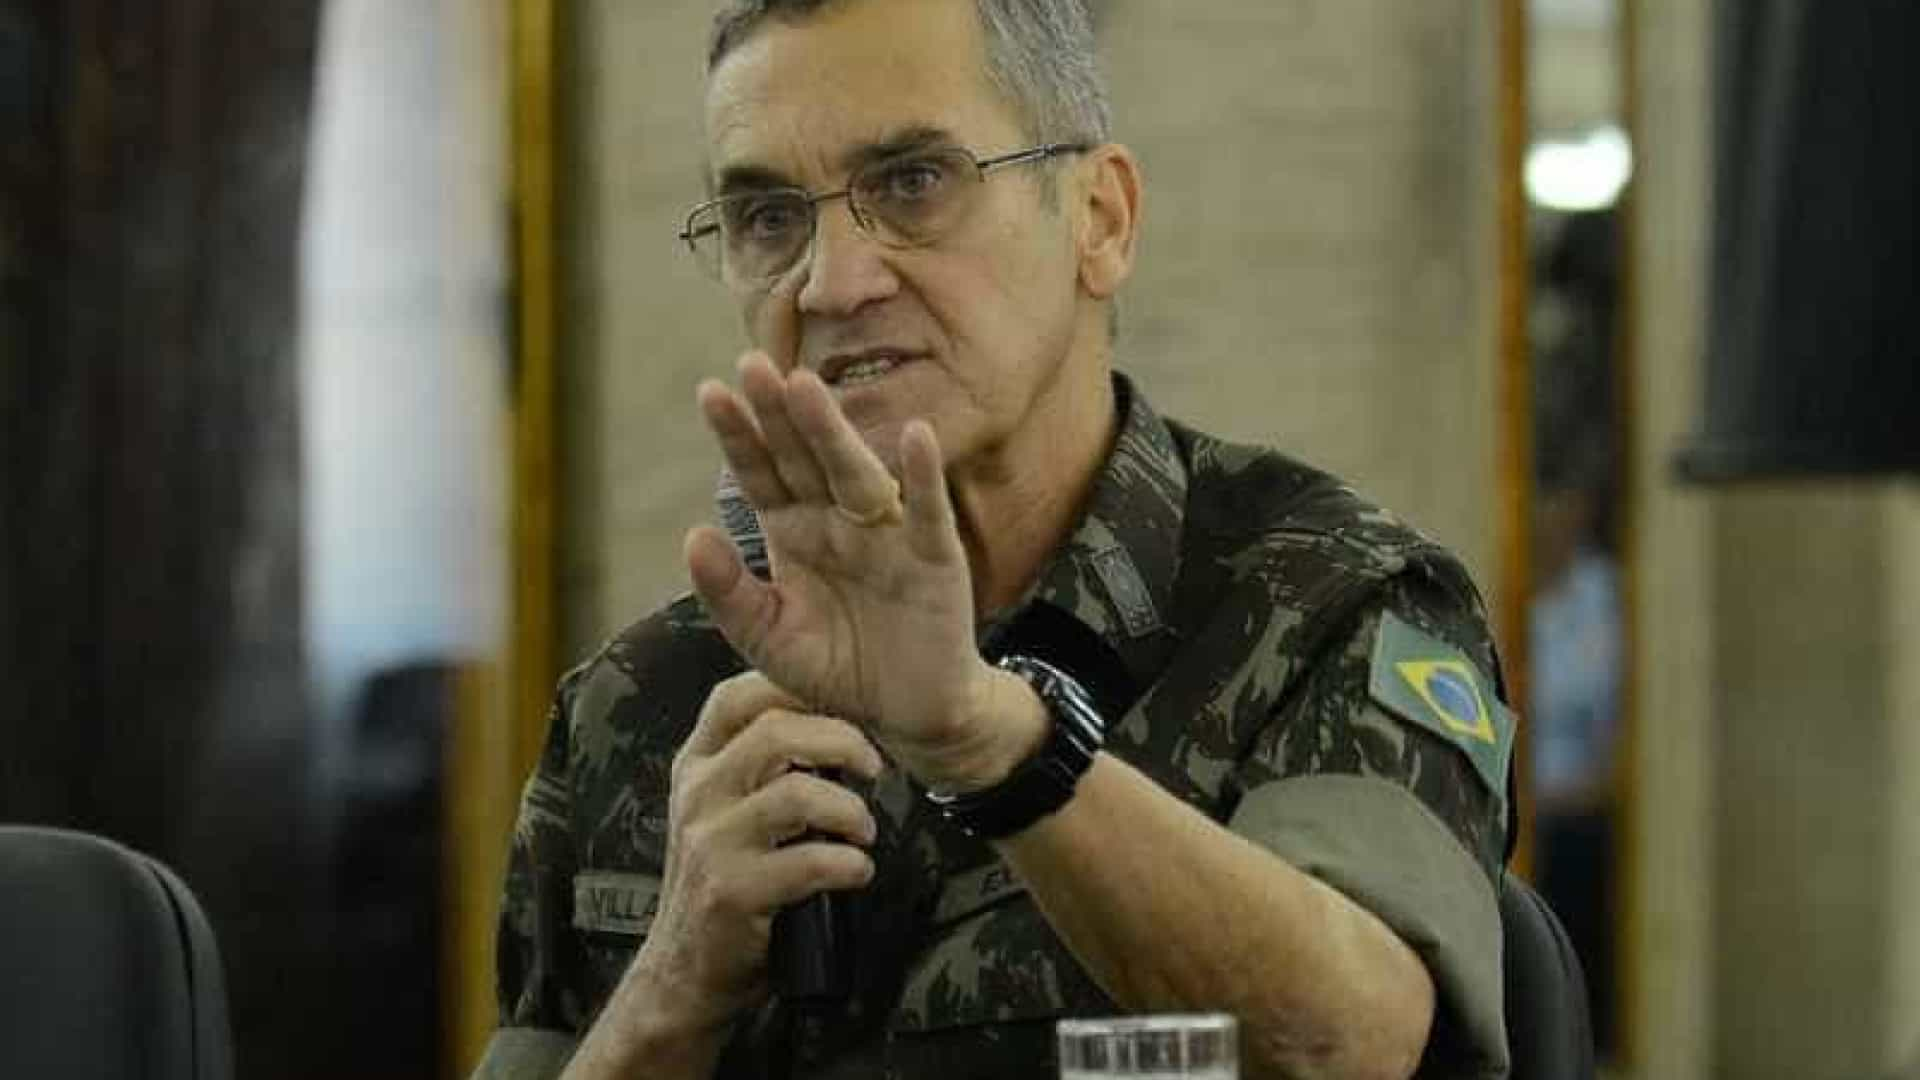 Forças Armadas criticam fala de general sobre intervenção militar